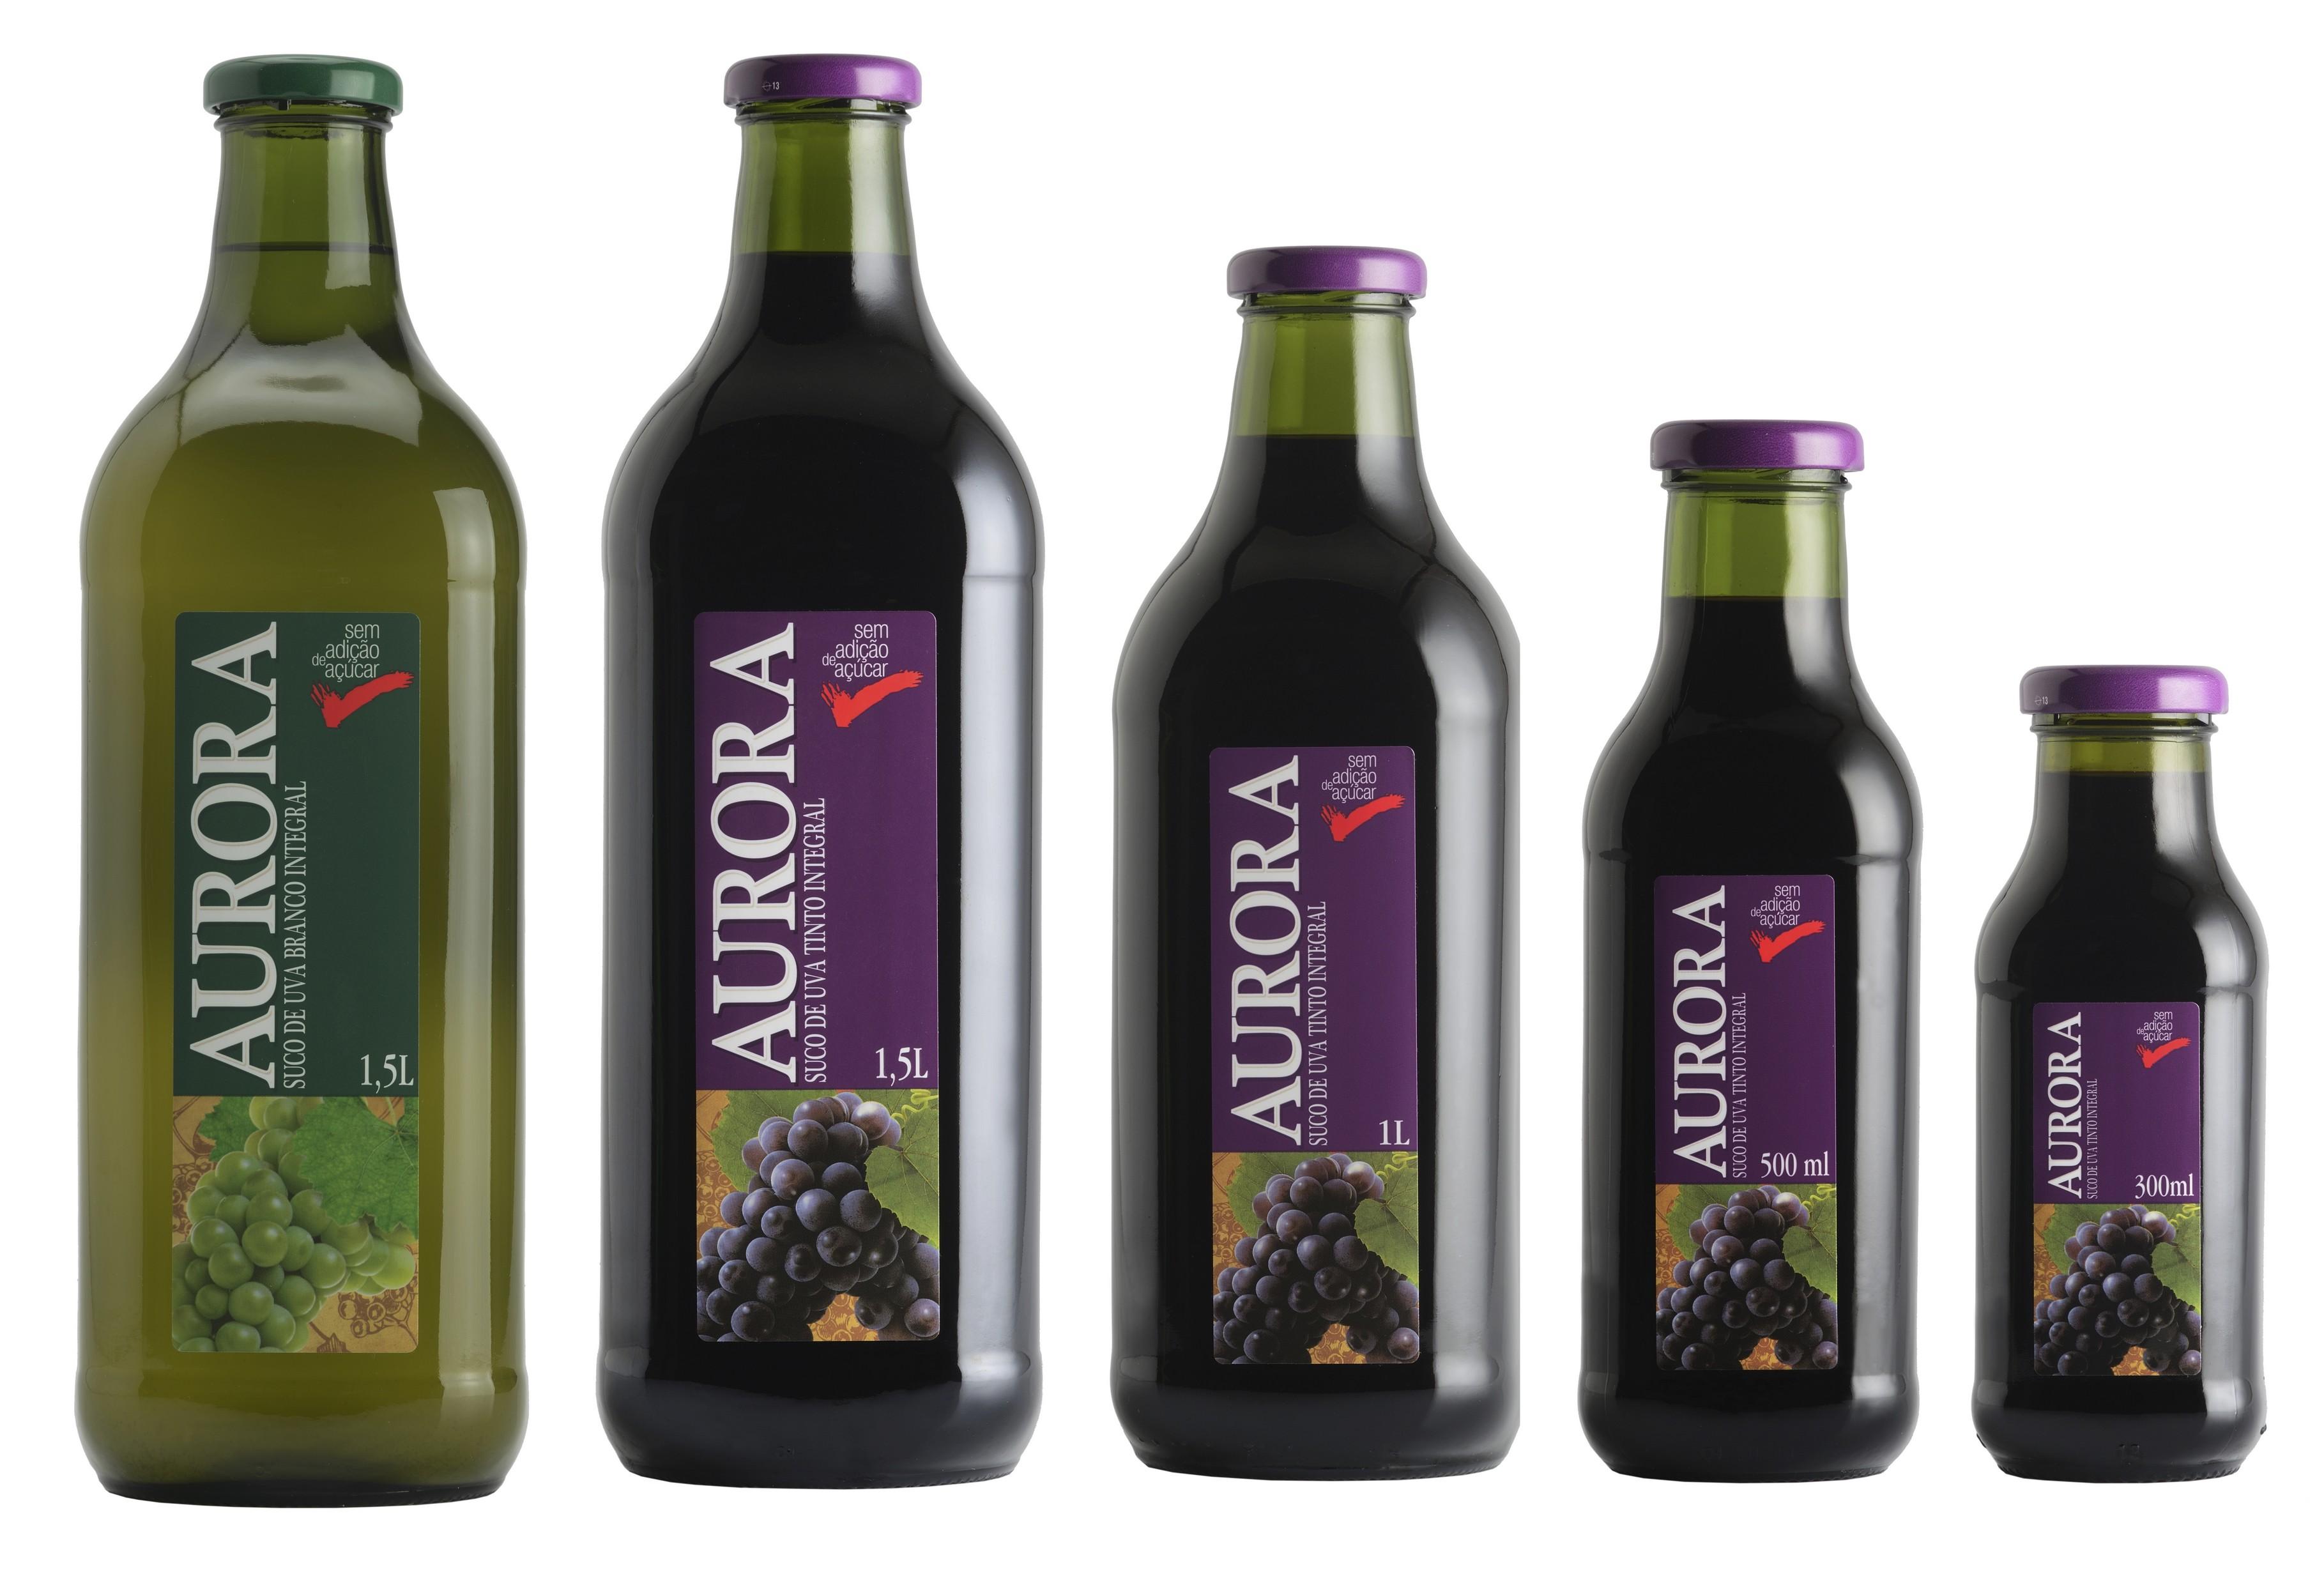 Vinícola Aurora é a empresa líder em suco de uva integral e vinho branco no mercado brasileiro